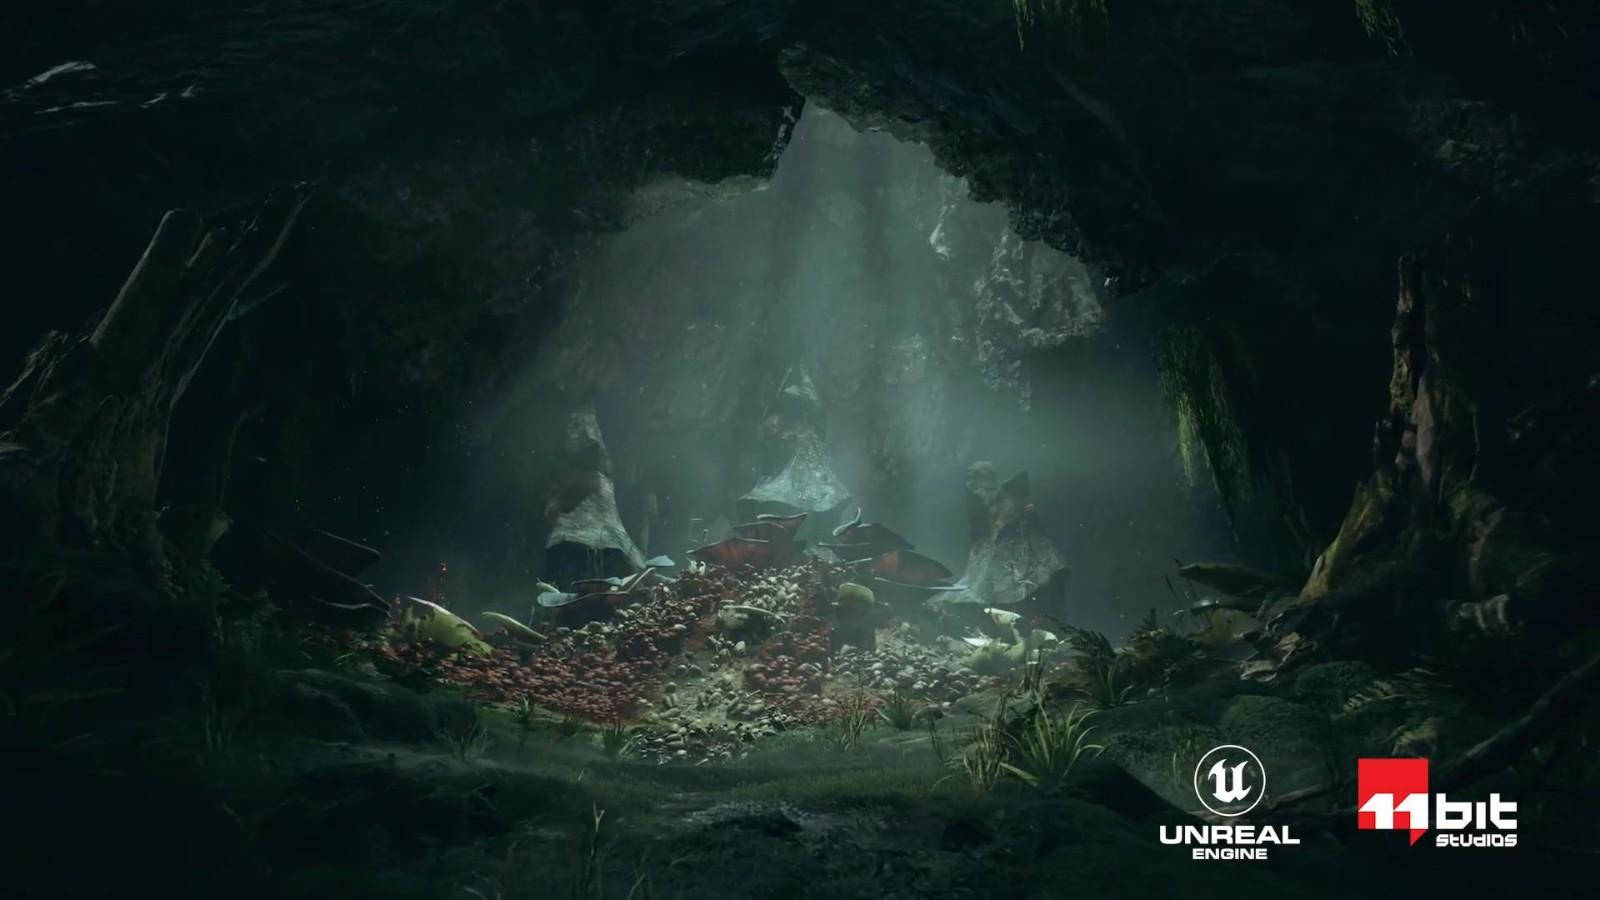 《冰汽时代》开发商预告:未来游戏开发使用虚幻引擎